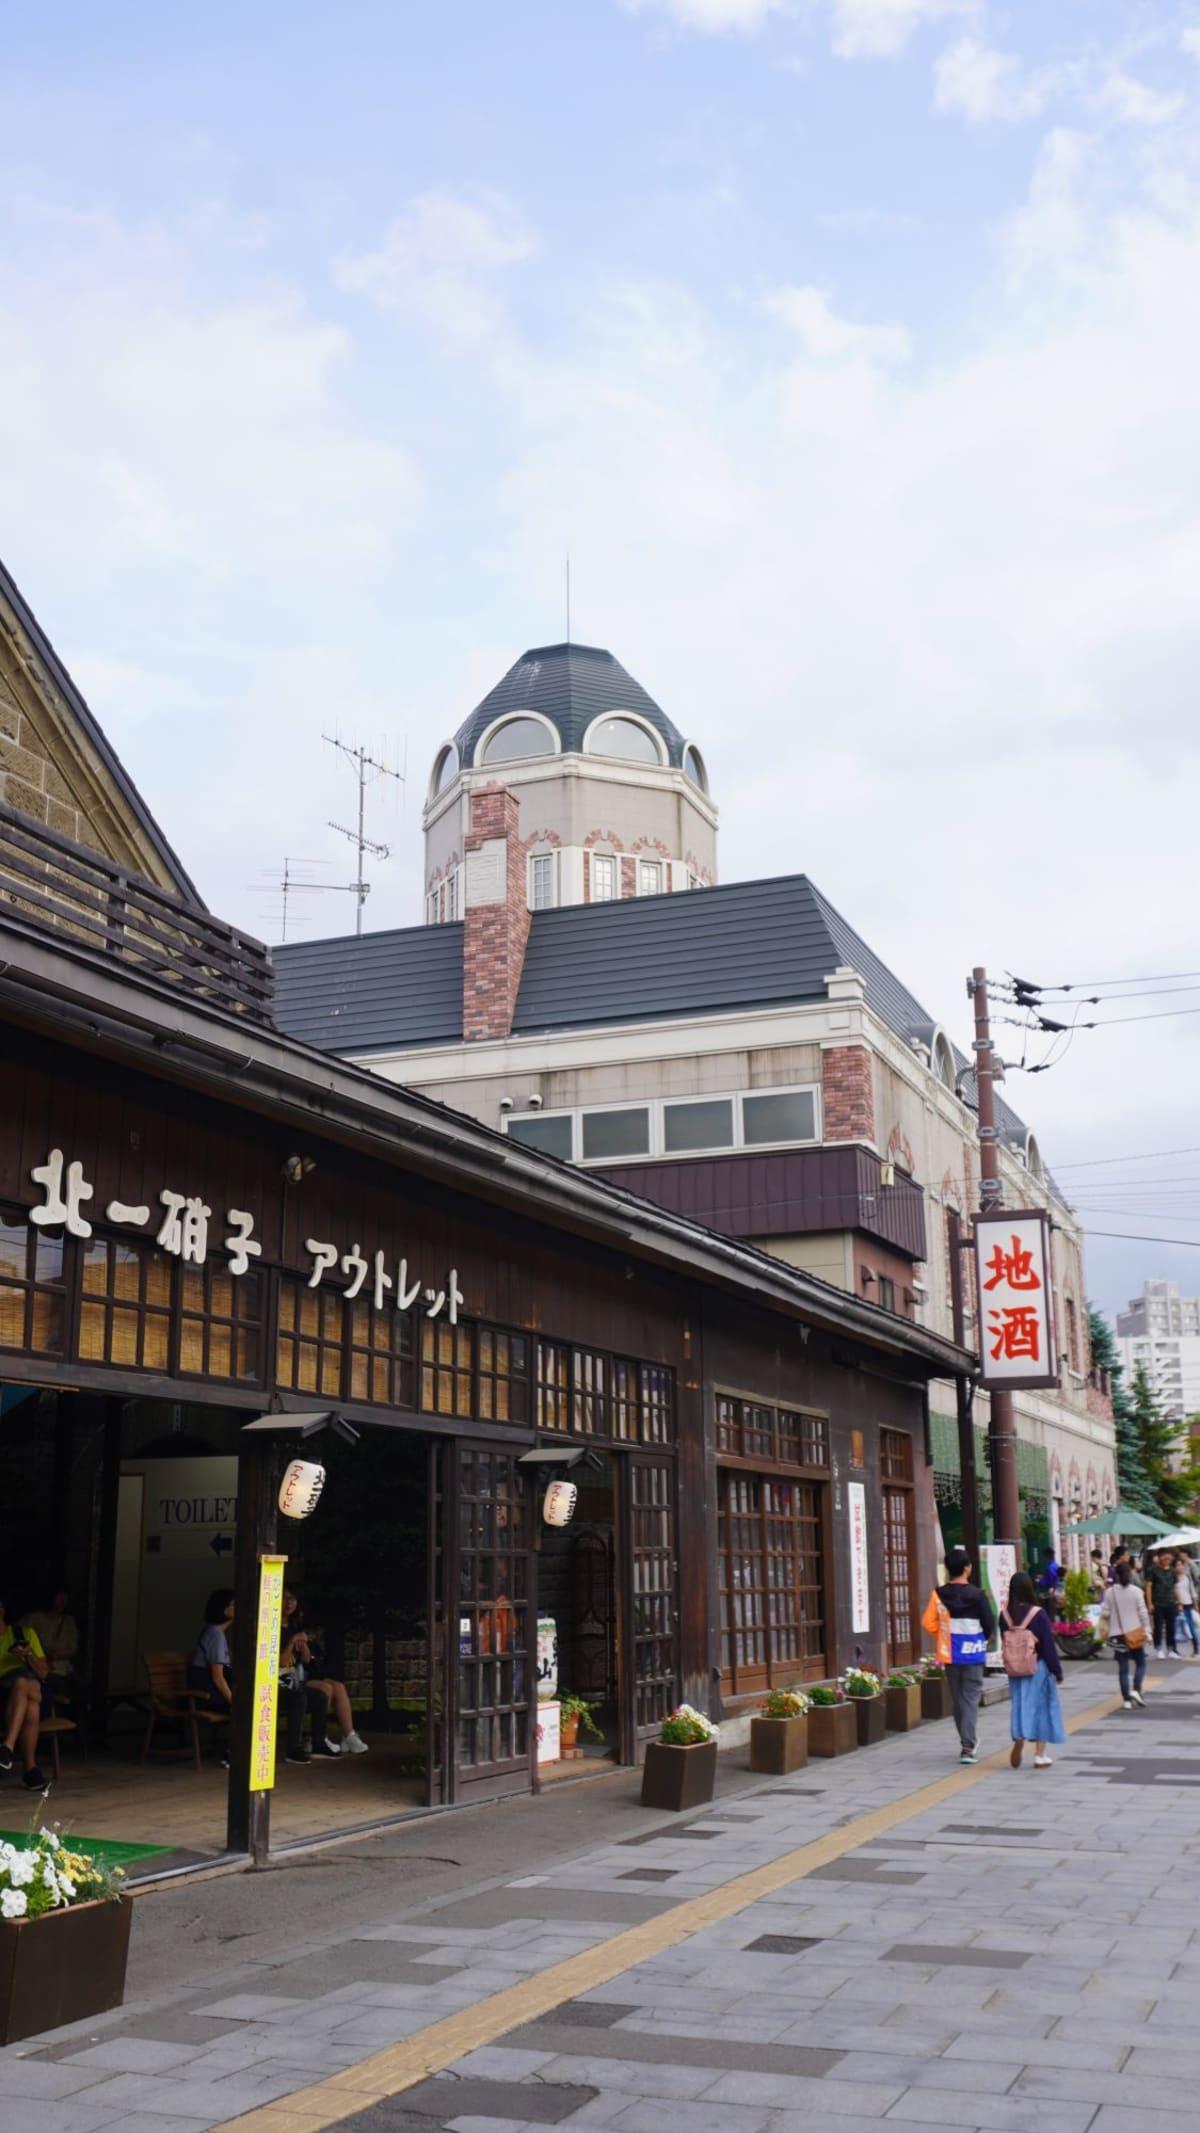 奥に見えるのが小樽で洋菓子のお店として有名なルタオ本店です。   小樽